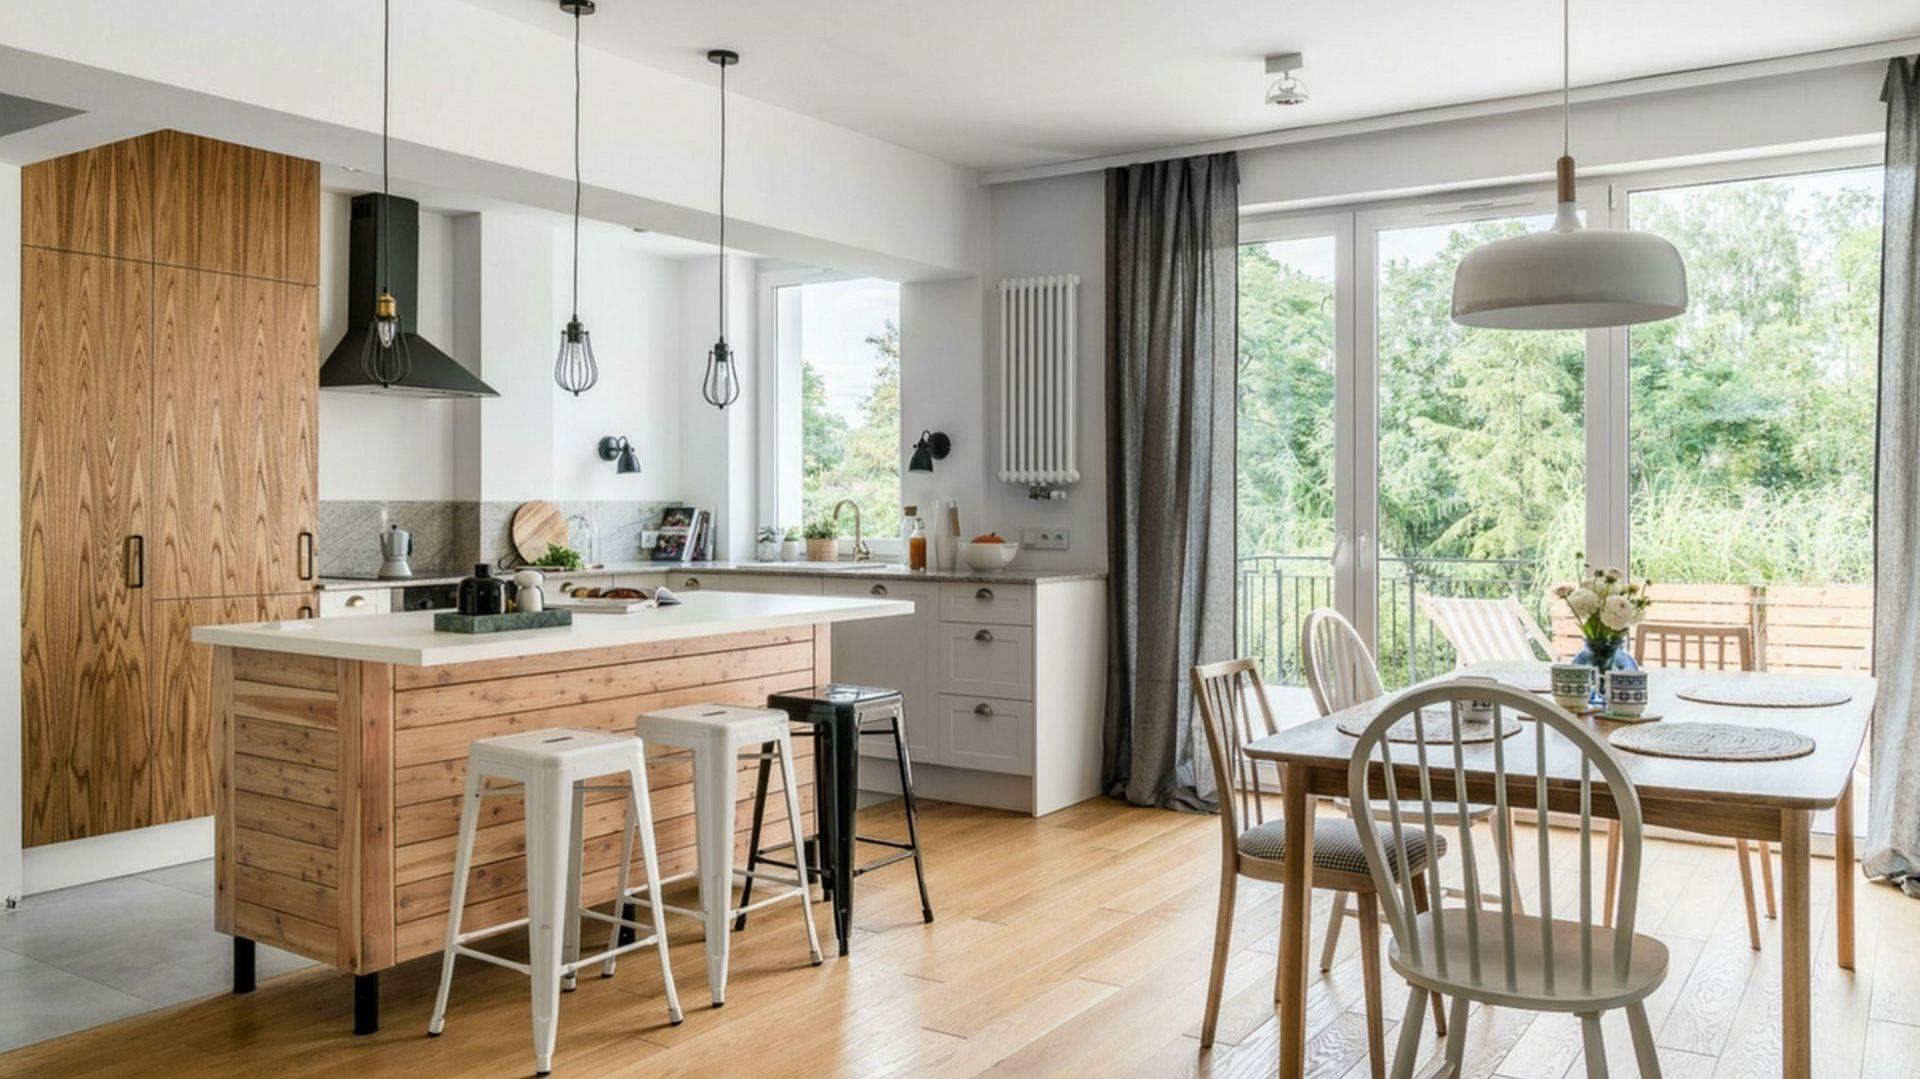 Drewniana kuchnia świetnie wygląda na tle neutralnej bieli. Projekt Magdalena Dąbrówka, Kształt Rzeczy. Zdjęcia Fotomohito